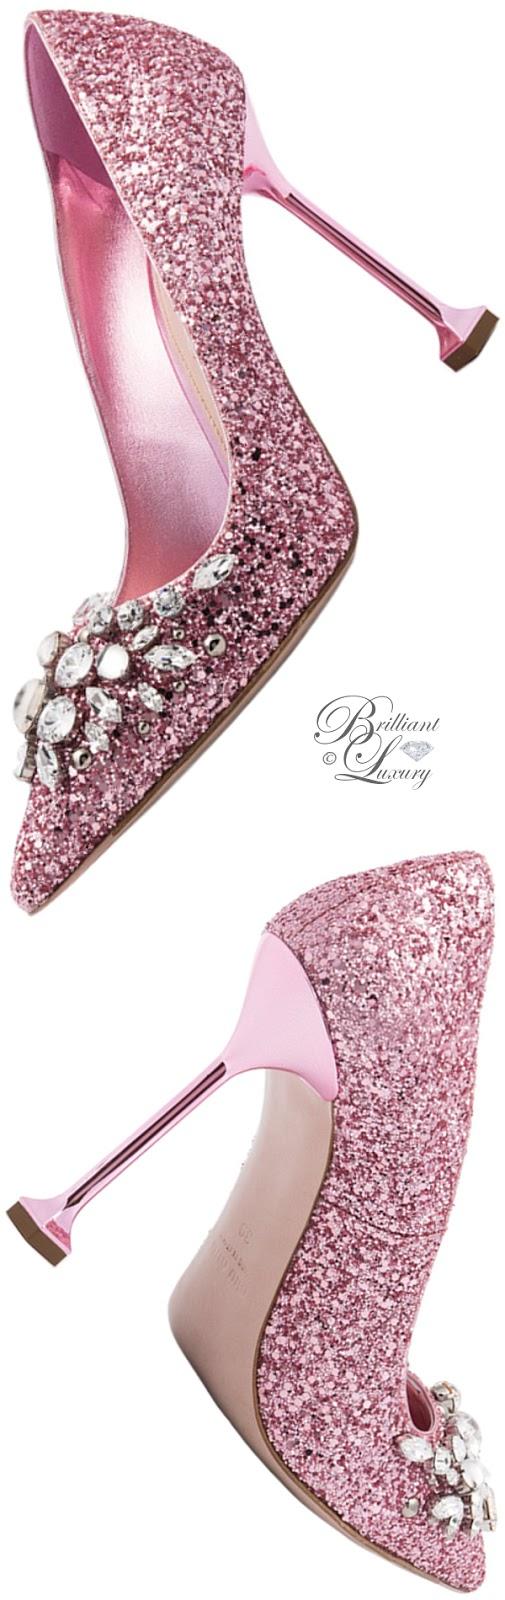 Brilliant Luxury ♦ Miu Miu pink glitter swarowski pumps